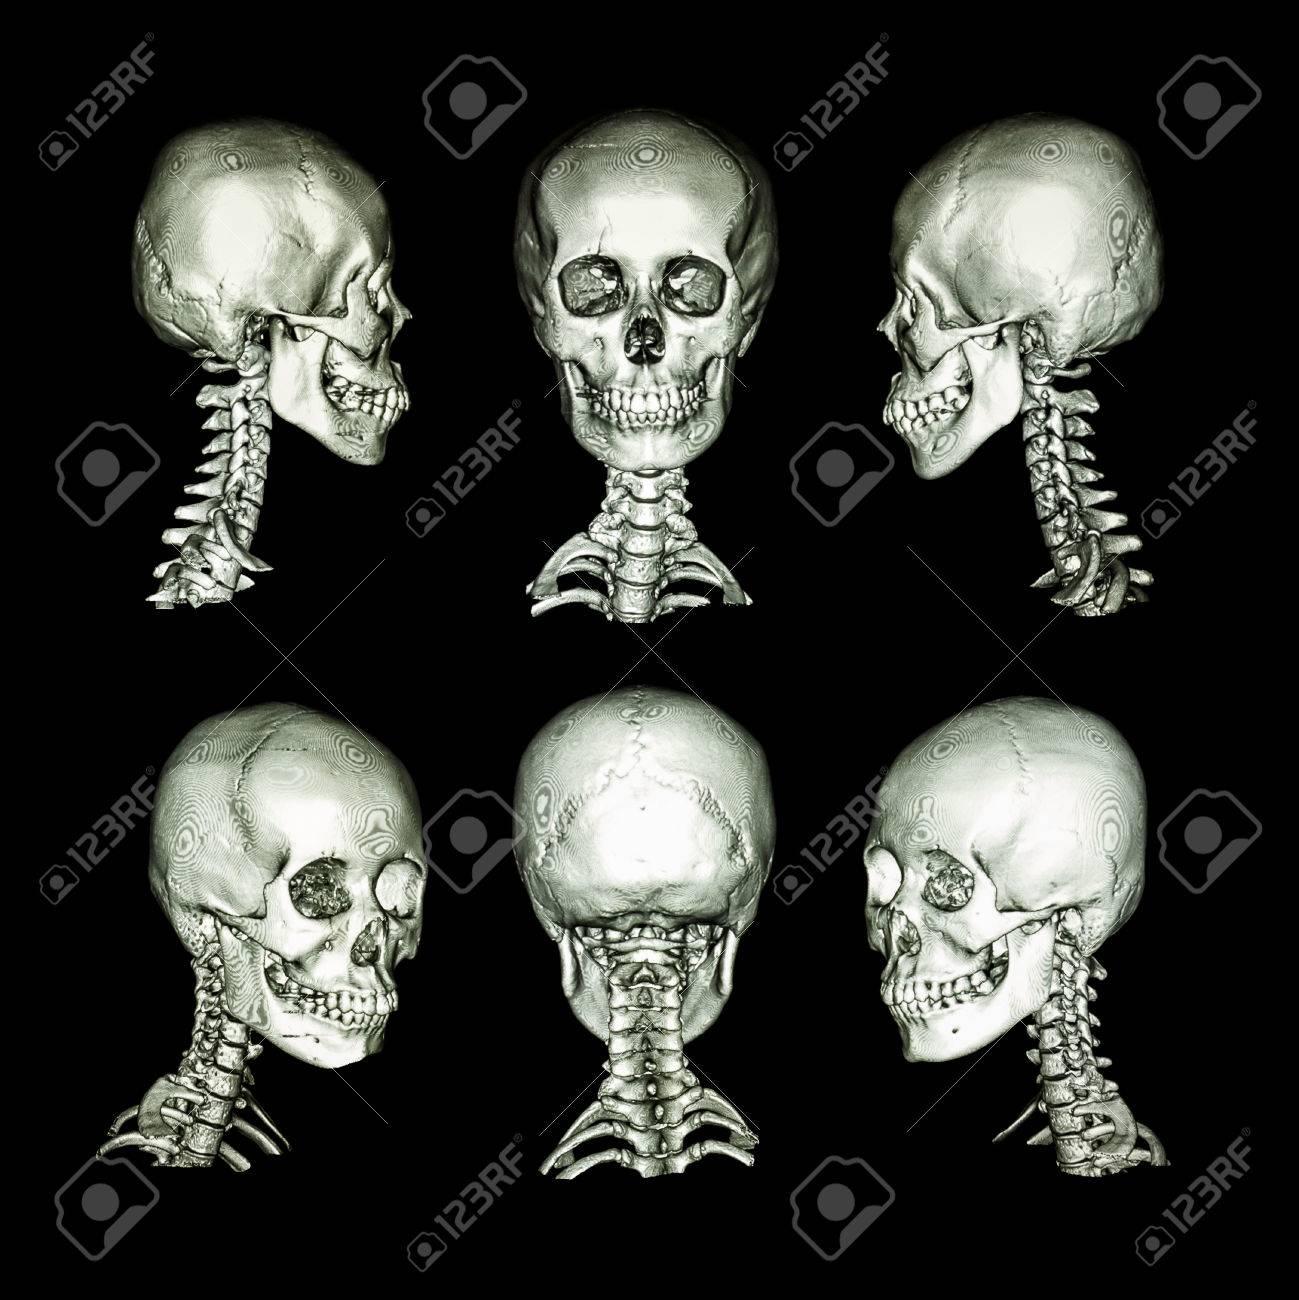 Tomografía Computarizada Y La Imagen En 3D. Cráneo Humano Normal Y ...